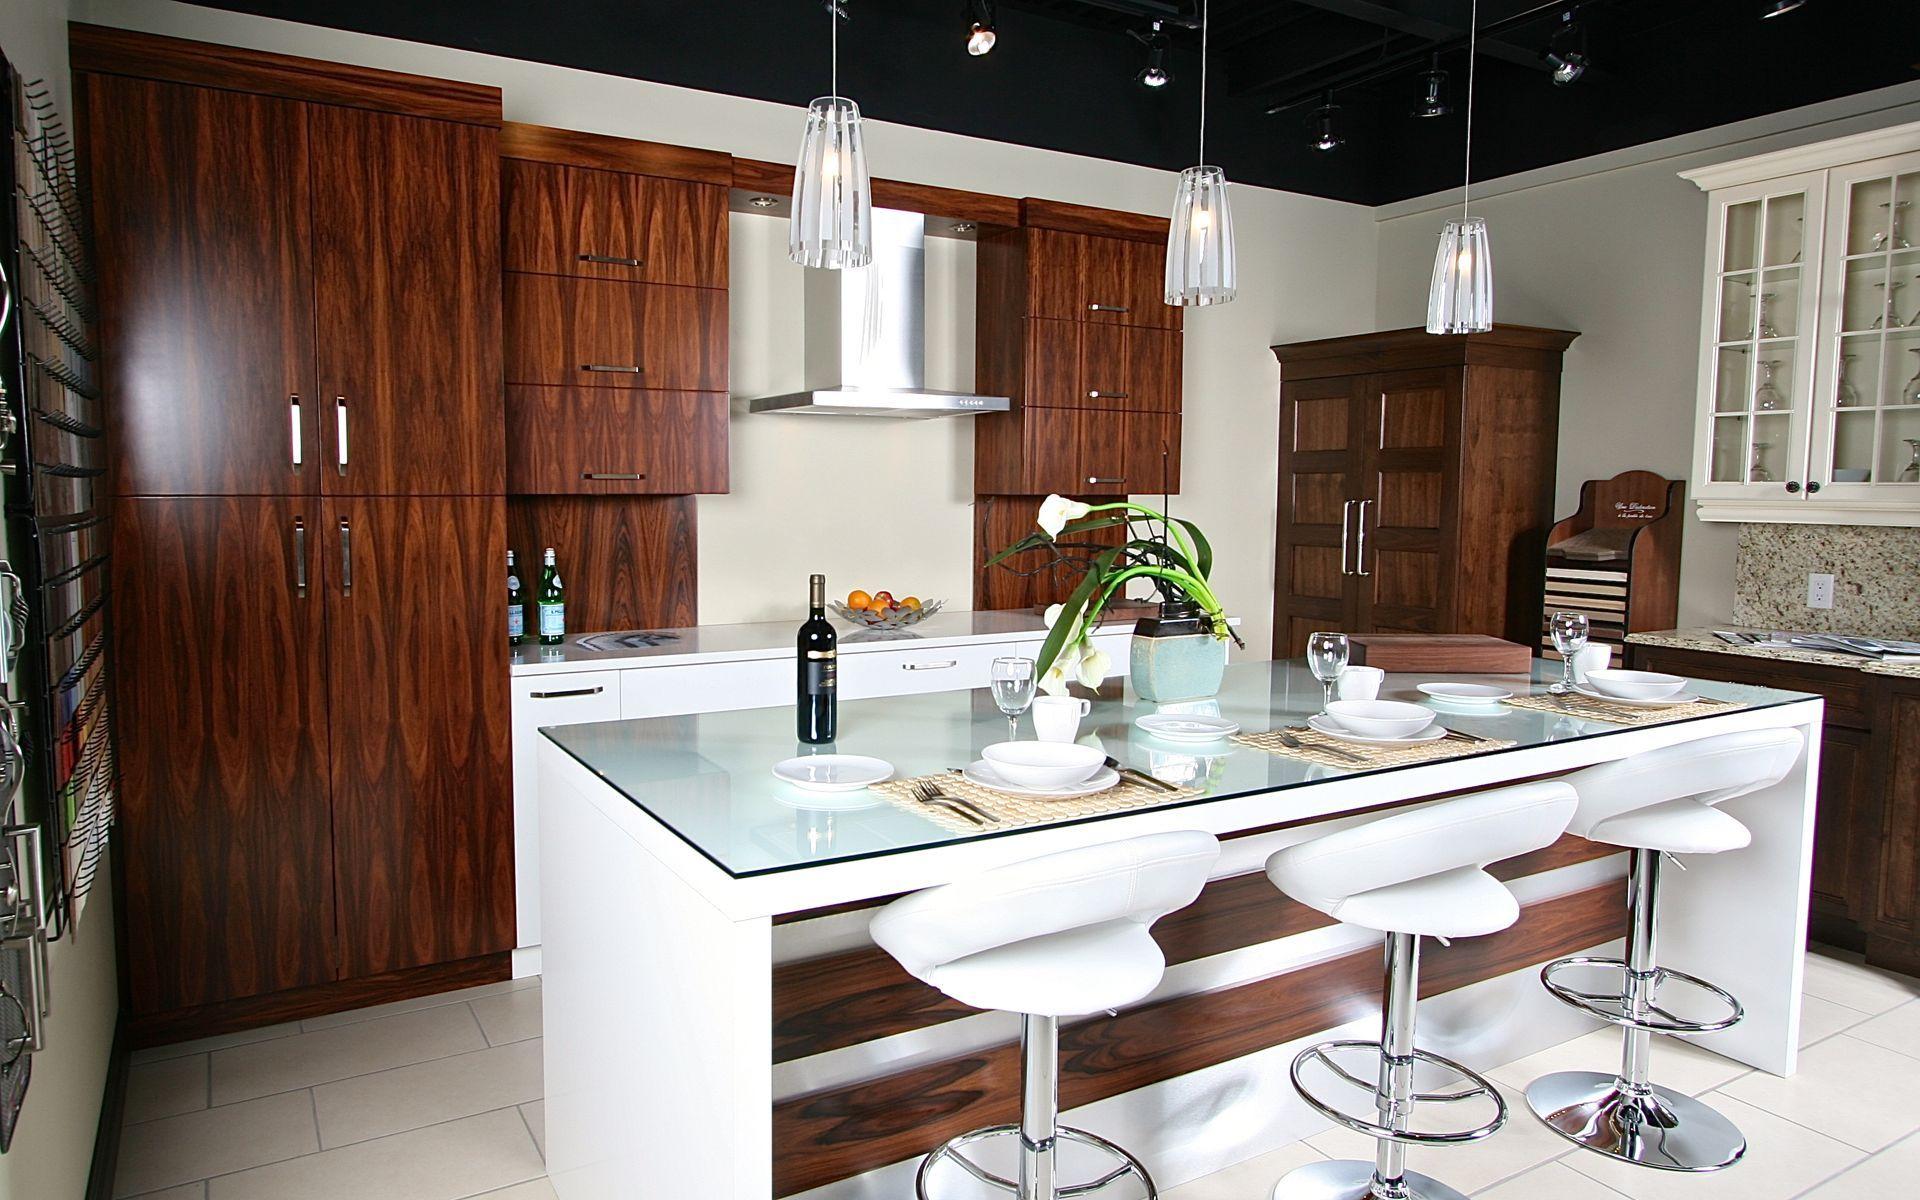 beautiful salle de montre espace cuisine classique panneaux duarmoires en merisier teint with. Black Bedroom Furniture Sets. Home Design Ideas